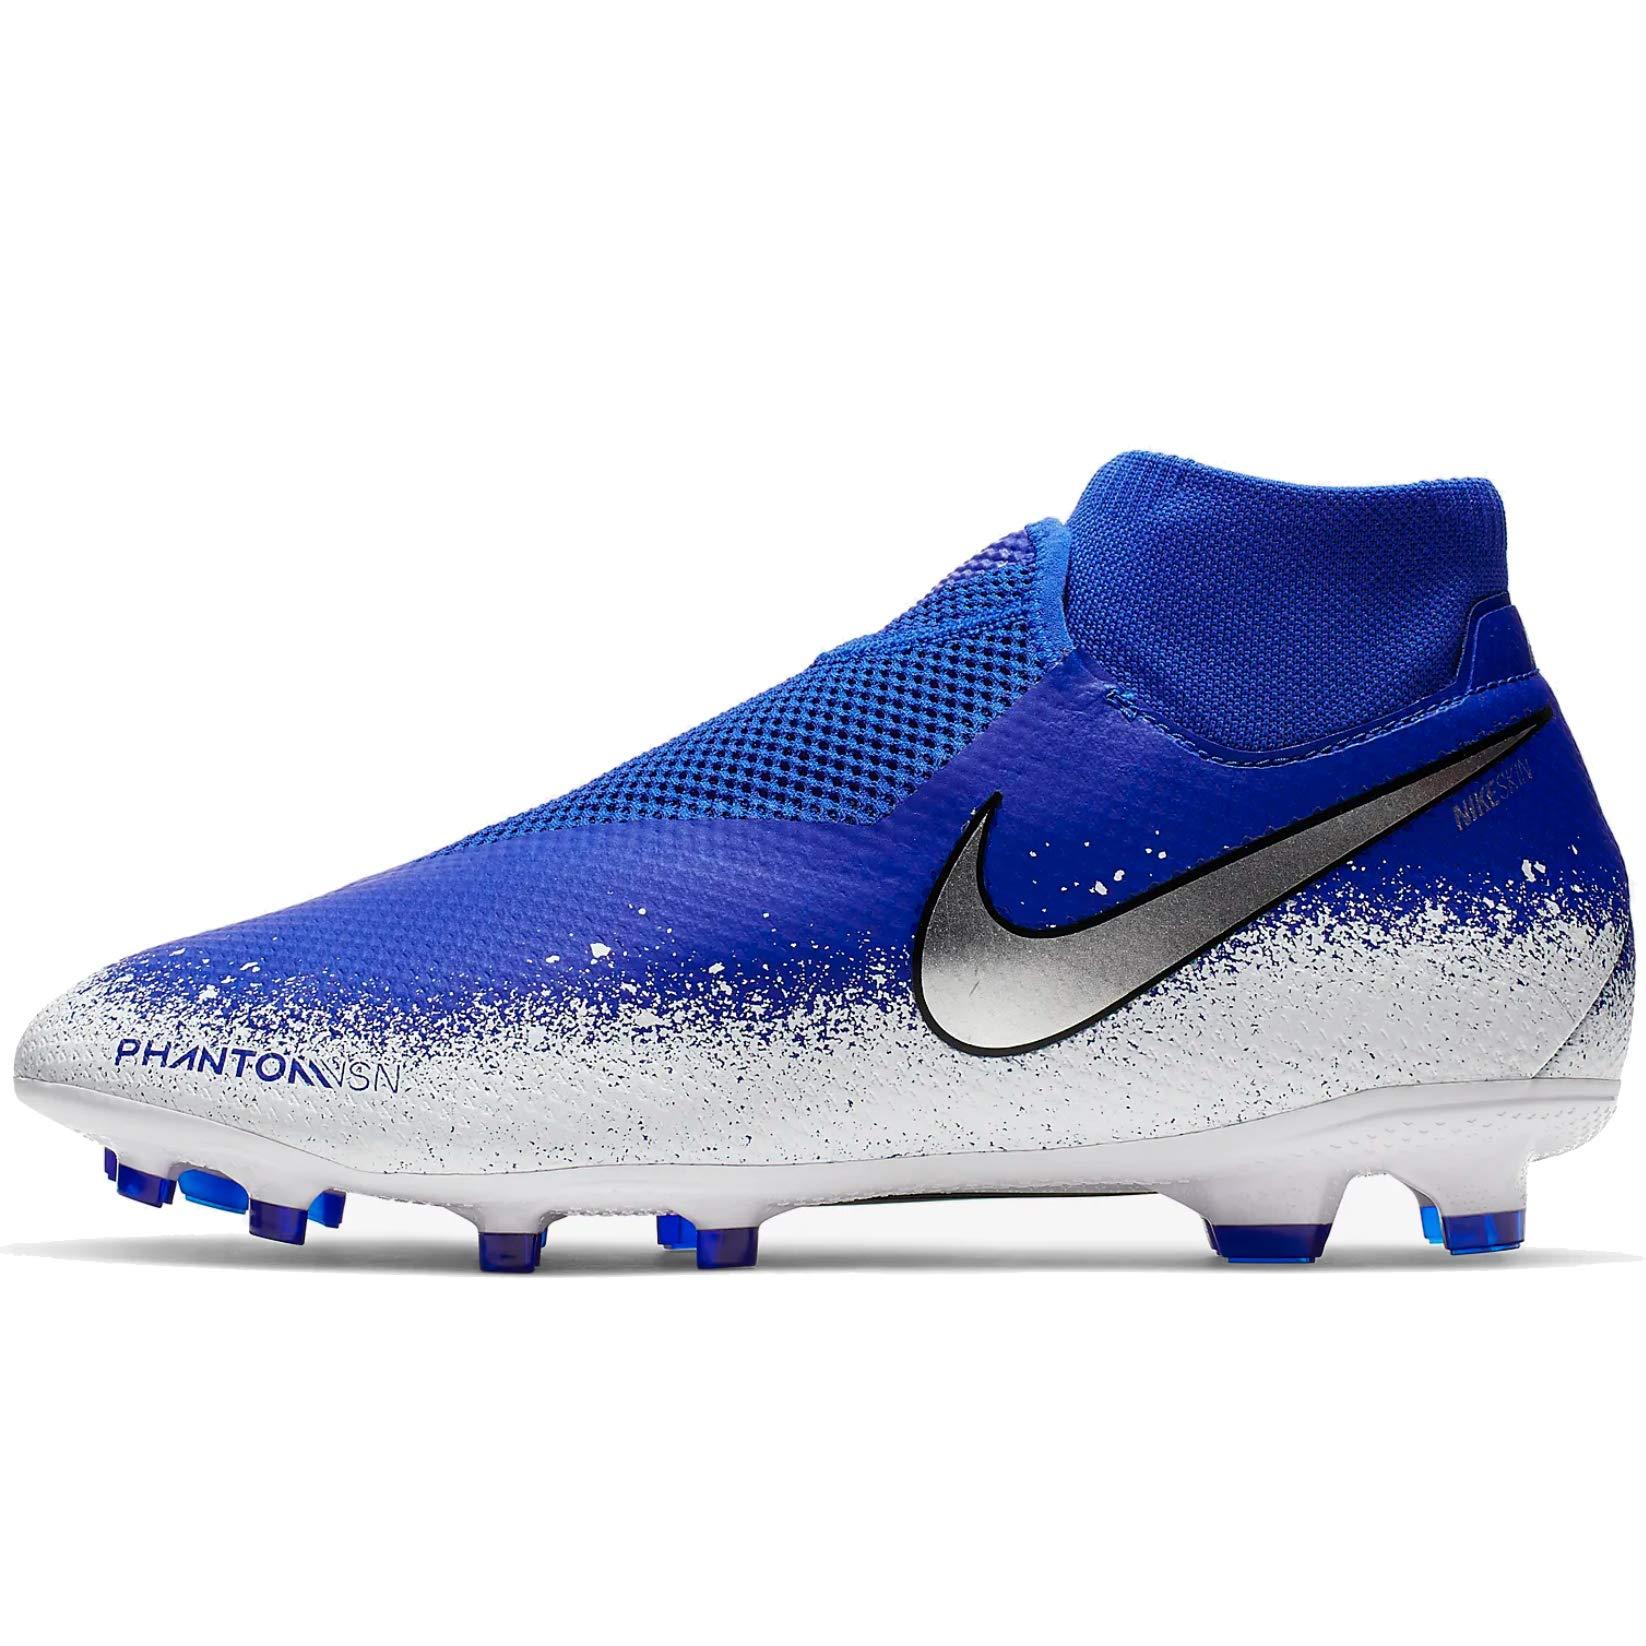 Nike Mens Phantom VSN PRO DF FG Soccer Cleats (10.5), Racer Blue/Chrome White by Nike